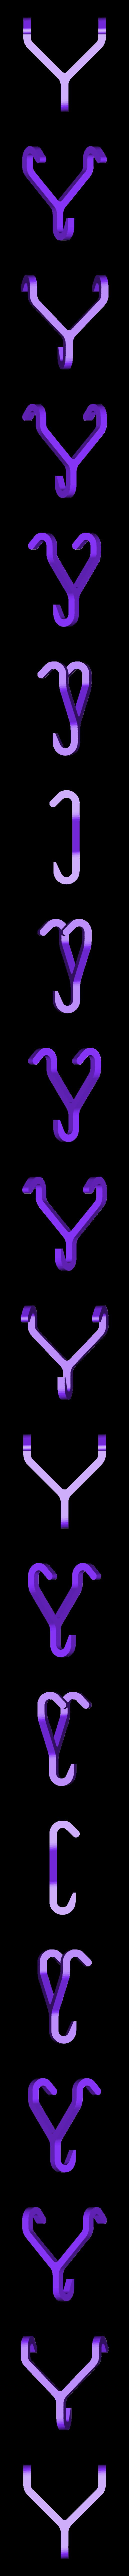 cargo_hook.STL Download free STL file Cargo hook for Parrot Rolling Spider • 3D printer design, daGHIZmo